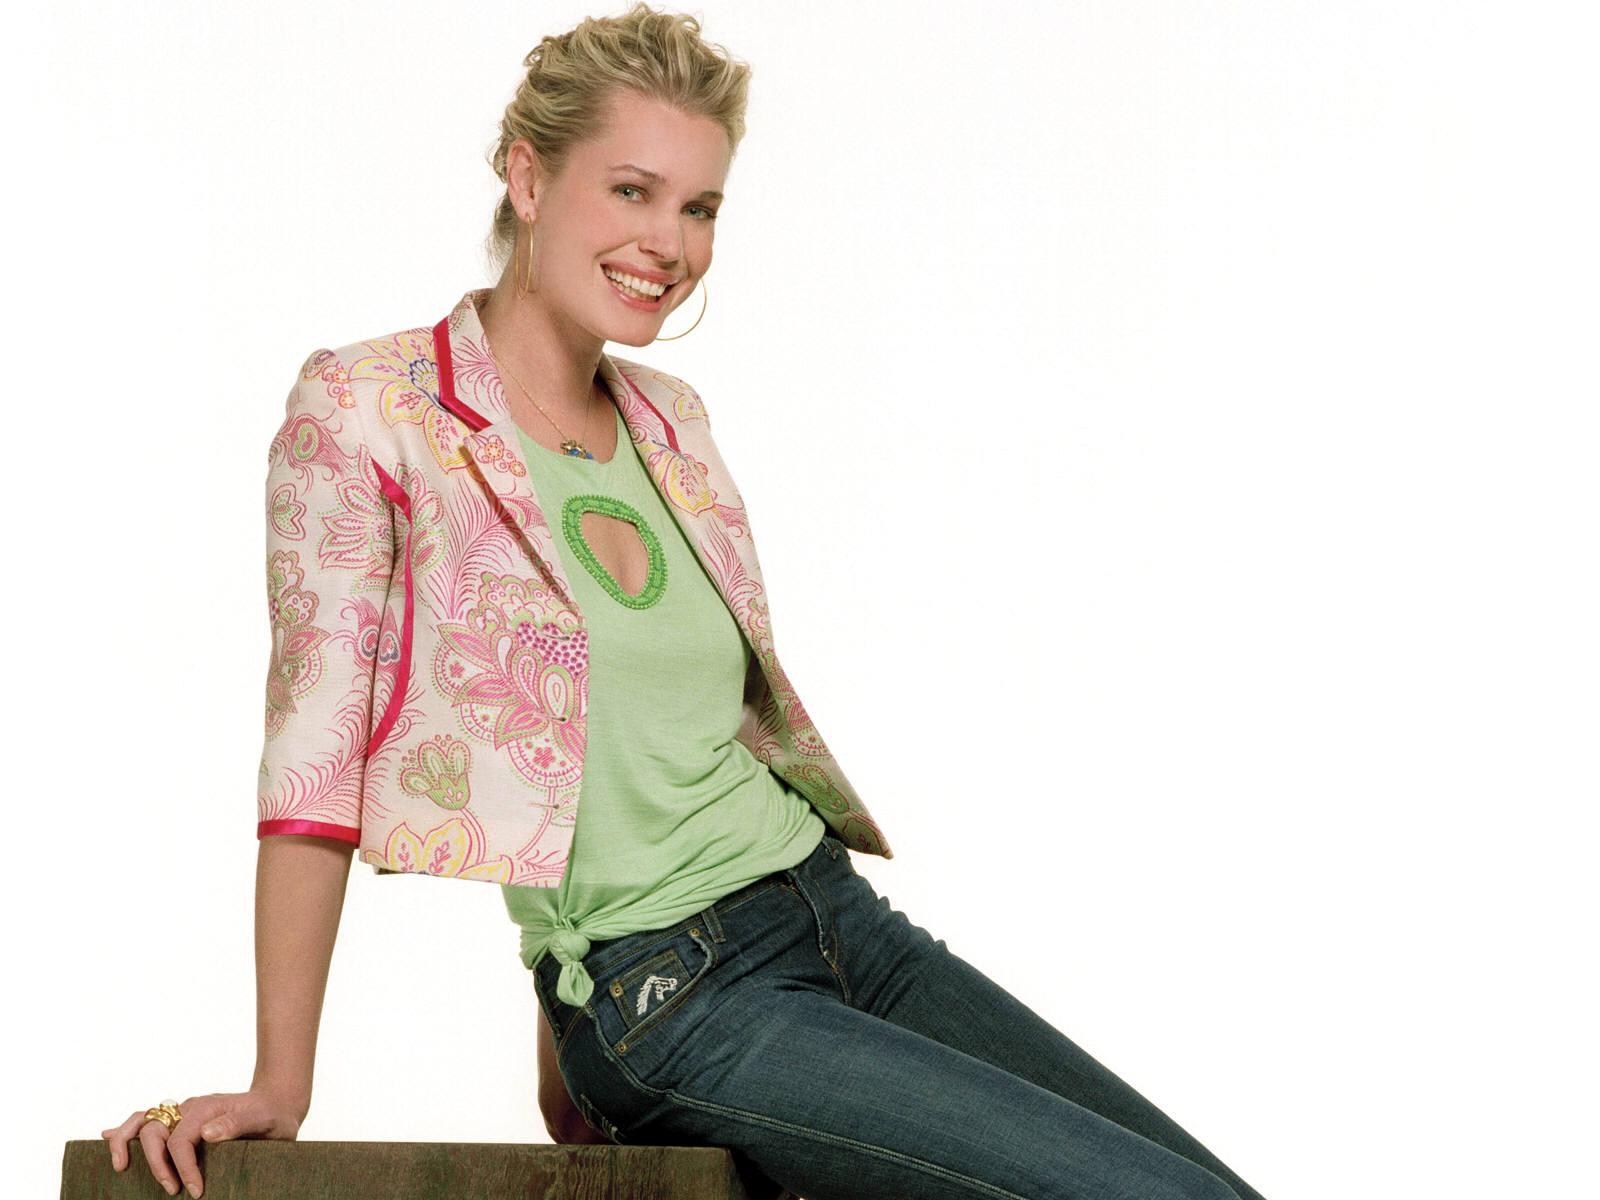 http://2.bp.blogspot.com/_Q_MQFtopsfY/SJCtbYba23I/AAAAAAAAENY/XOUDum_Bshs/s1600/Fullwalls.blogspot.com_Rebecca_Romijn_Stamos%2830%29.jpg